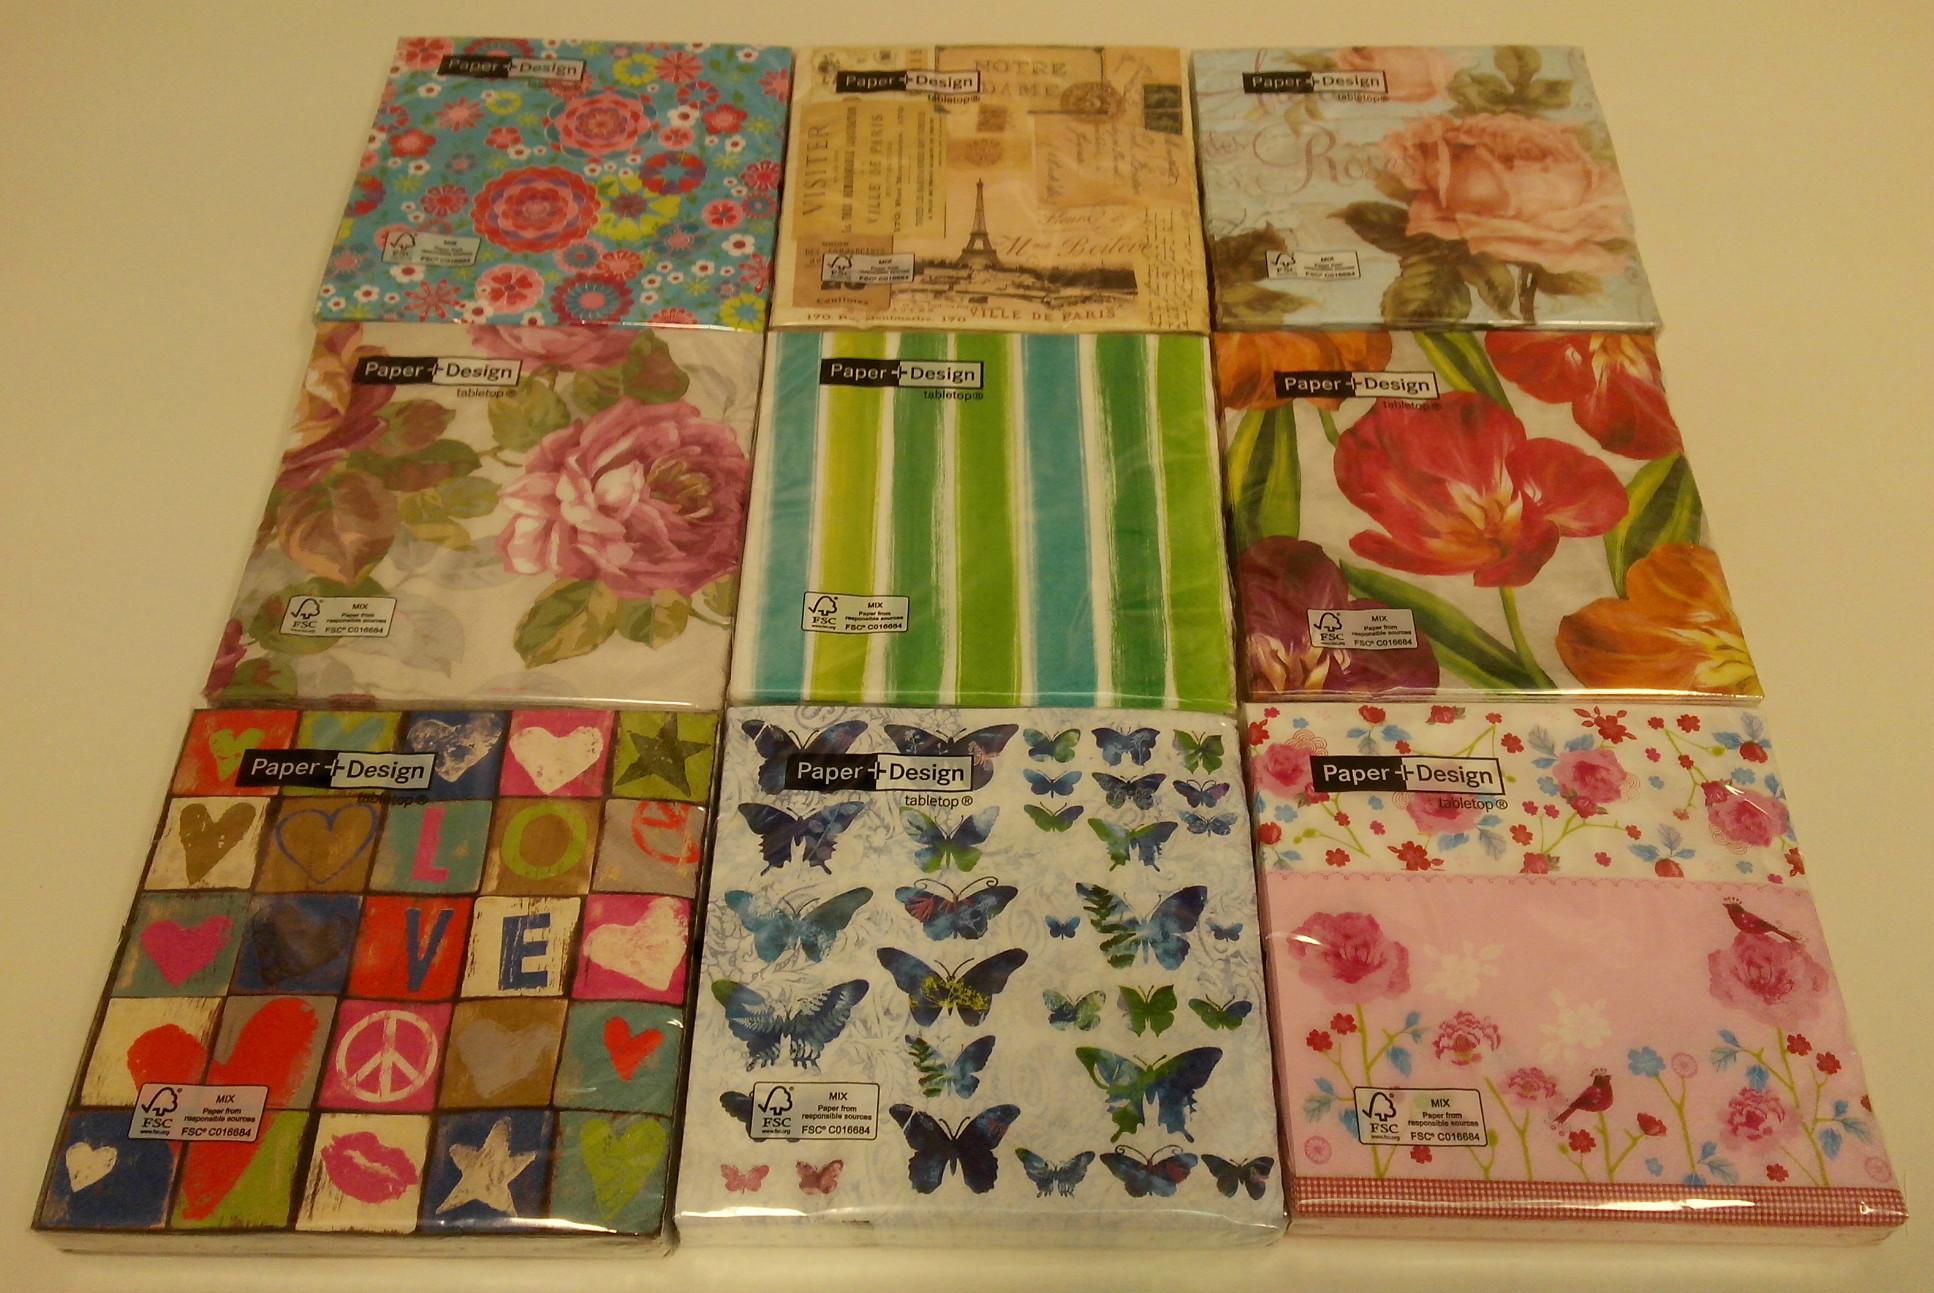 Catalogo de productos de placacentro maderas america en salta - Decoupage con servilletas en muebles ...